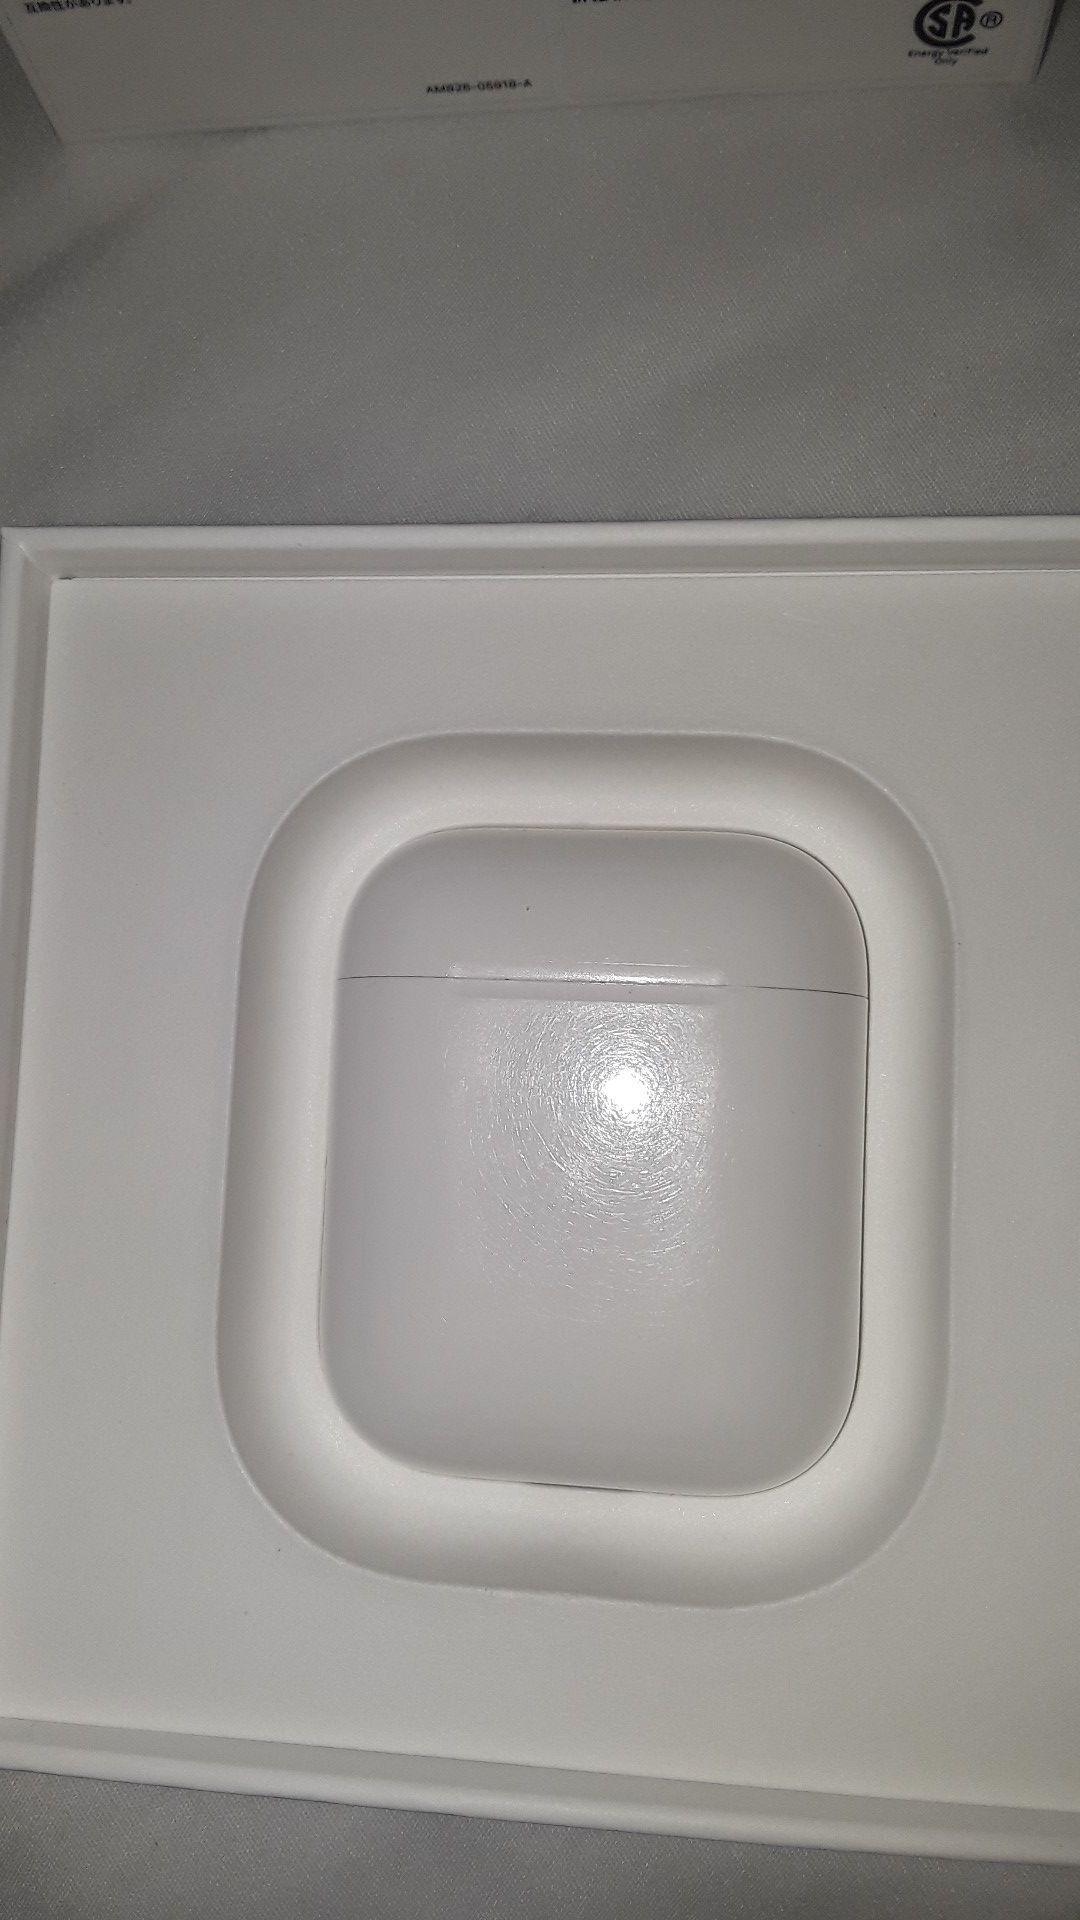 Apple airpods gen.2